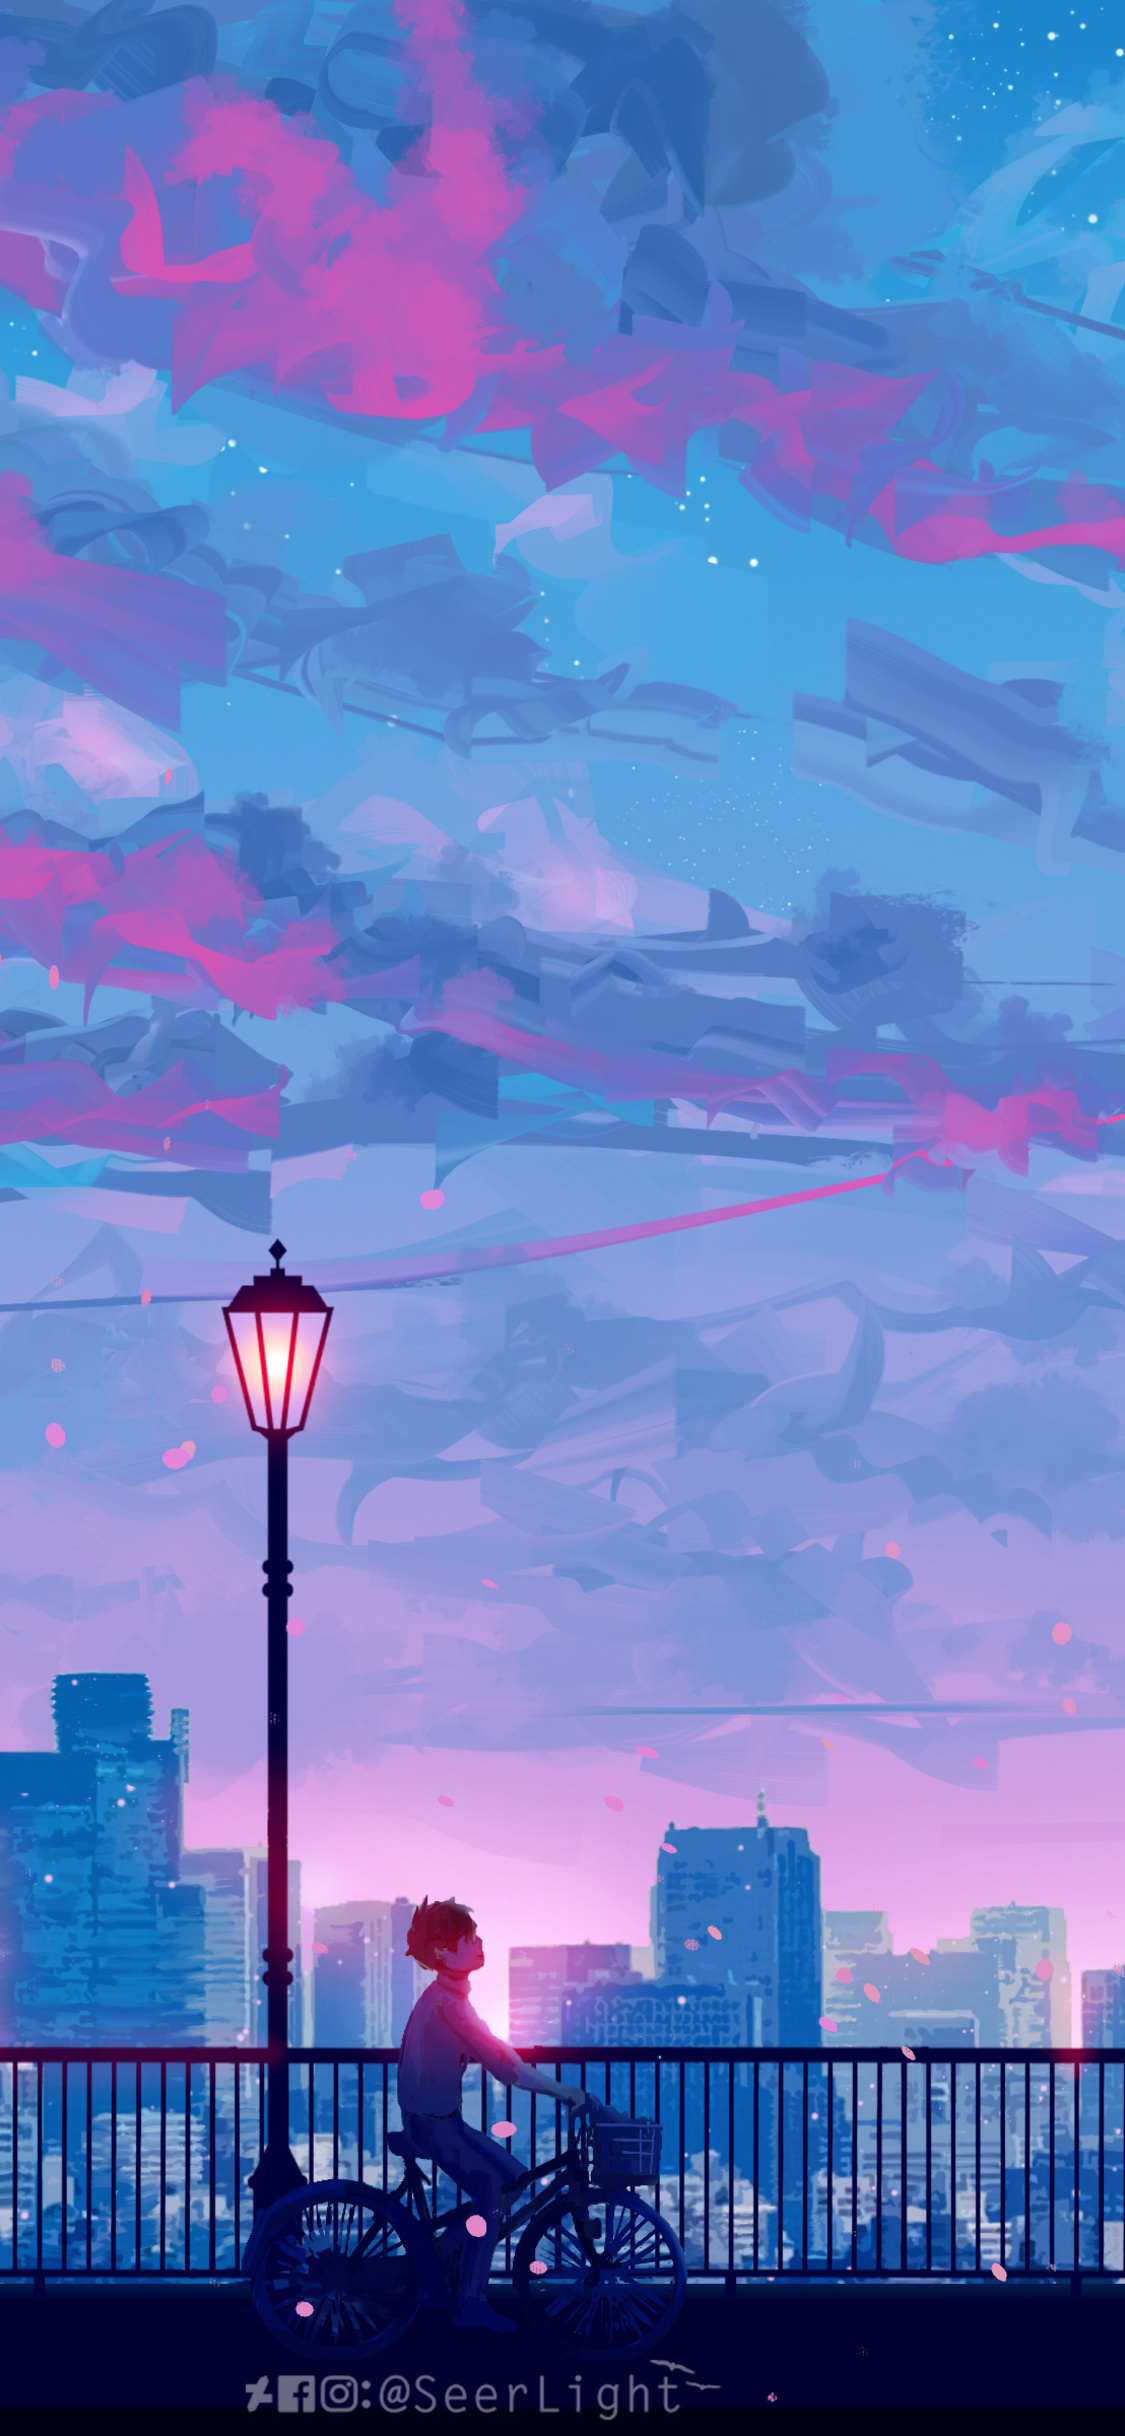 Anime Scenery Wallpaper 4k Phone Gambarku